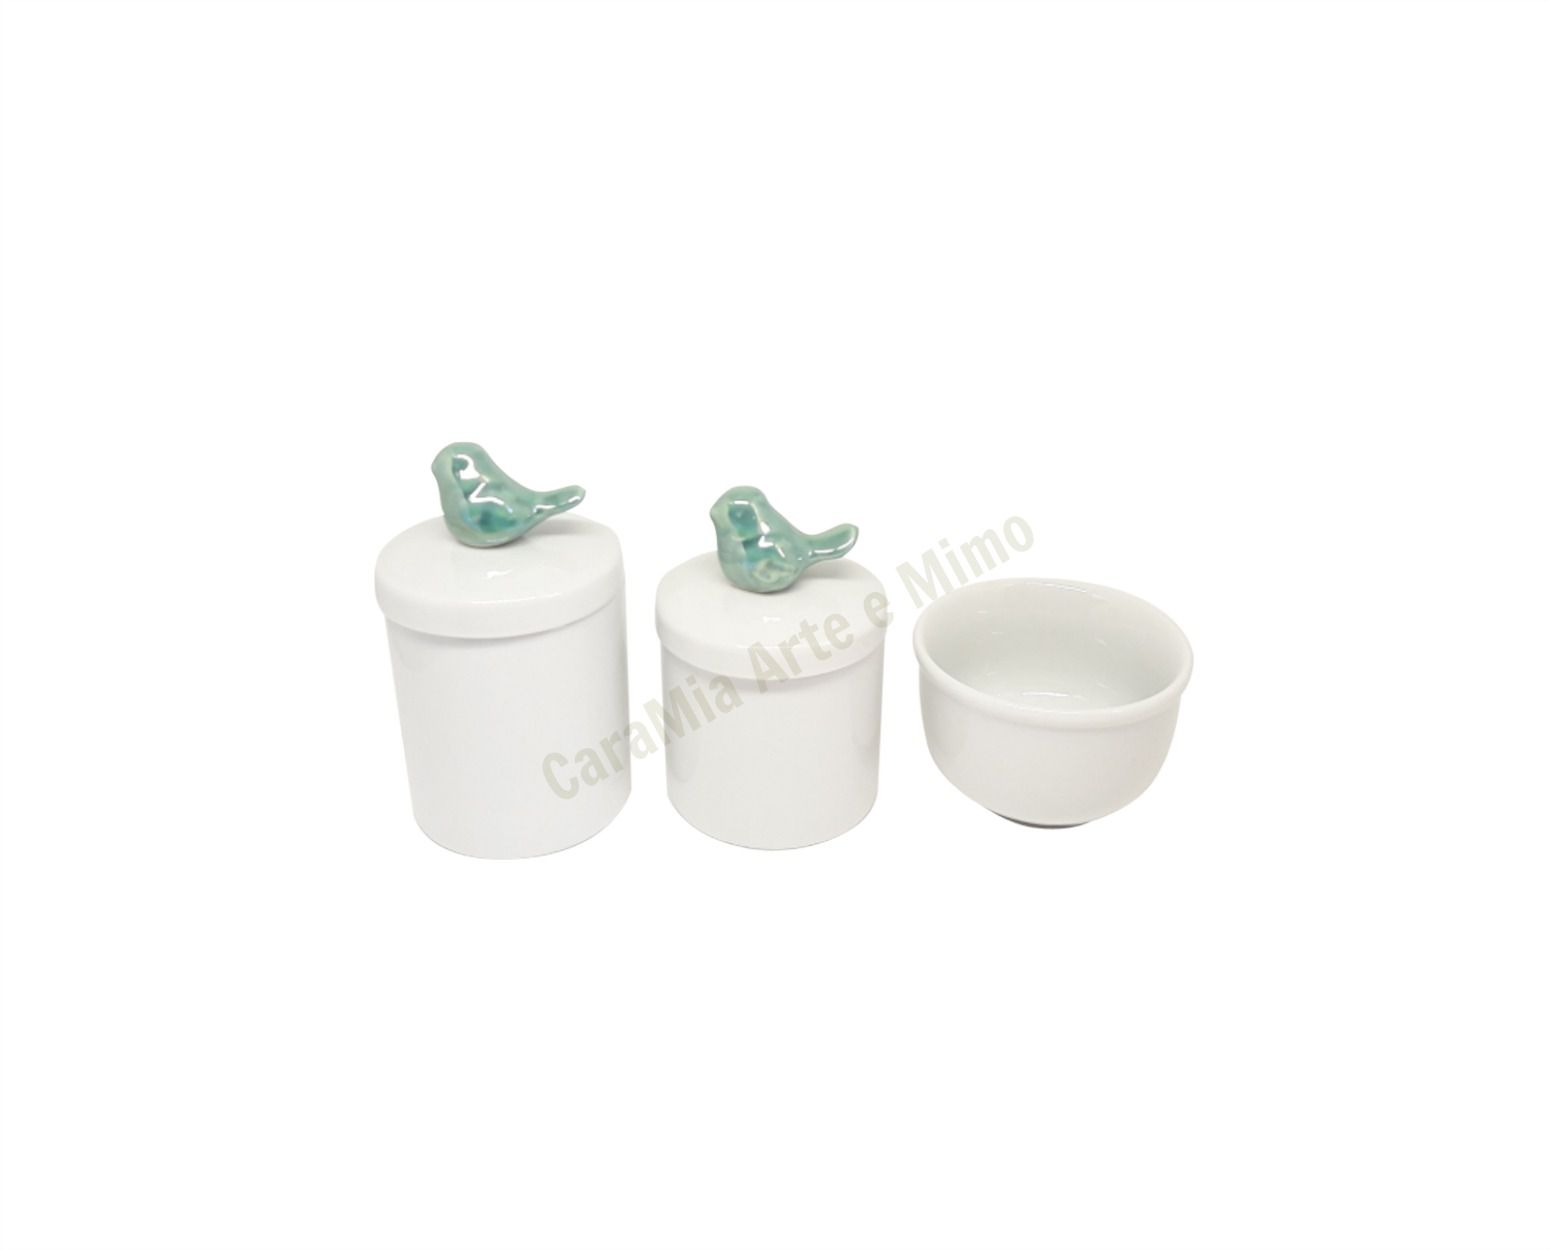 Kit Higiene Bebê Porcelana | Pássaros Tifanny| 3 peças